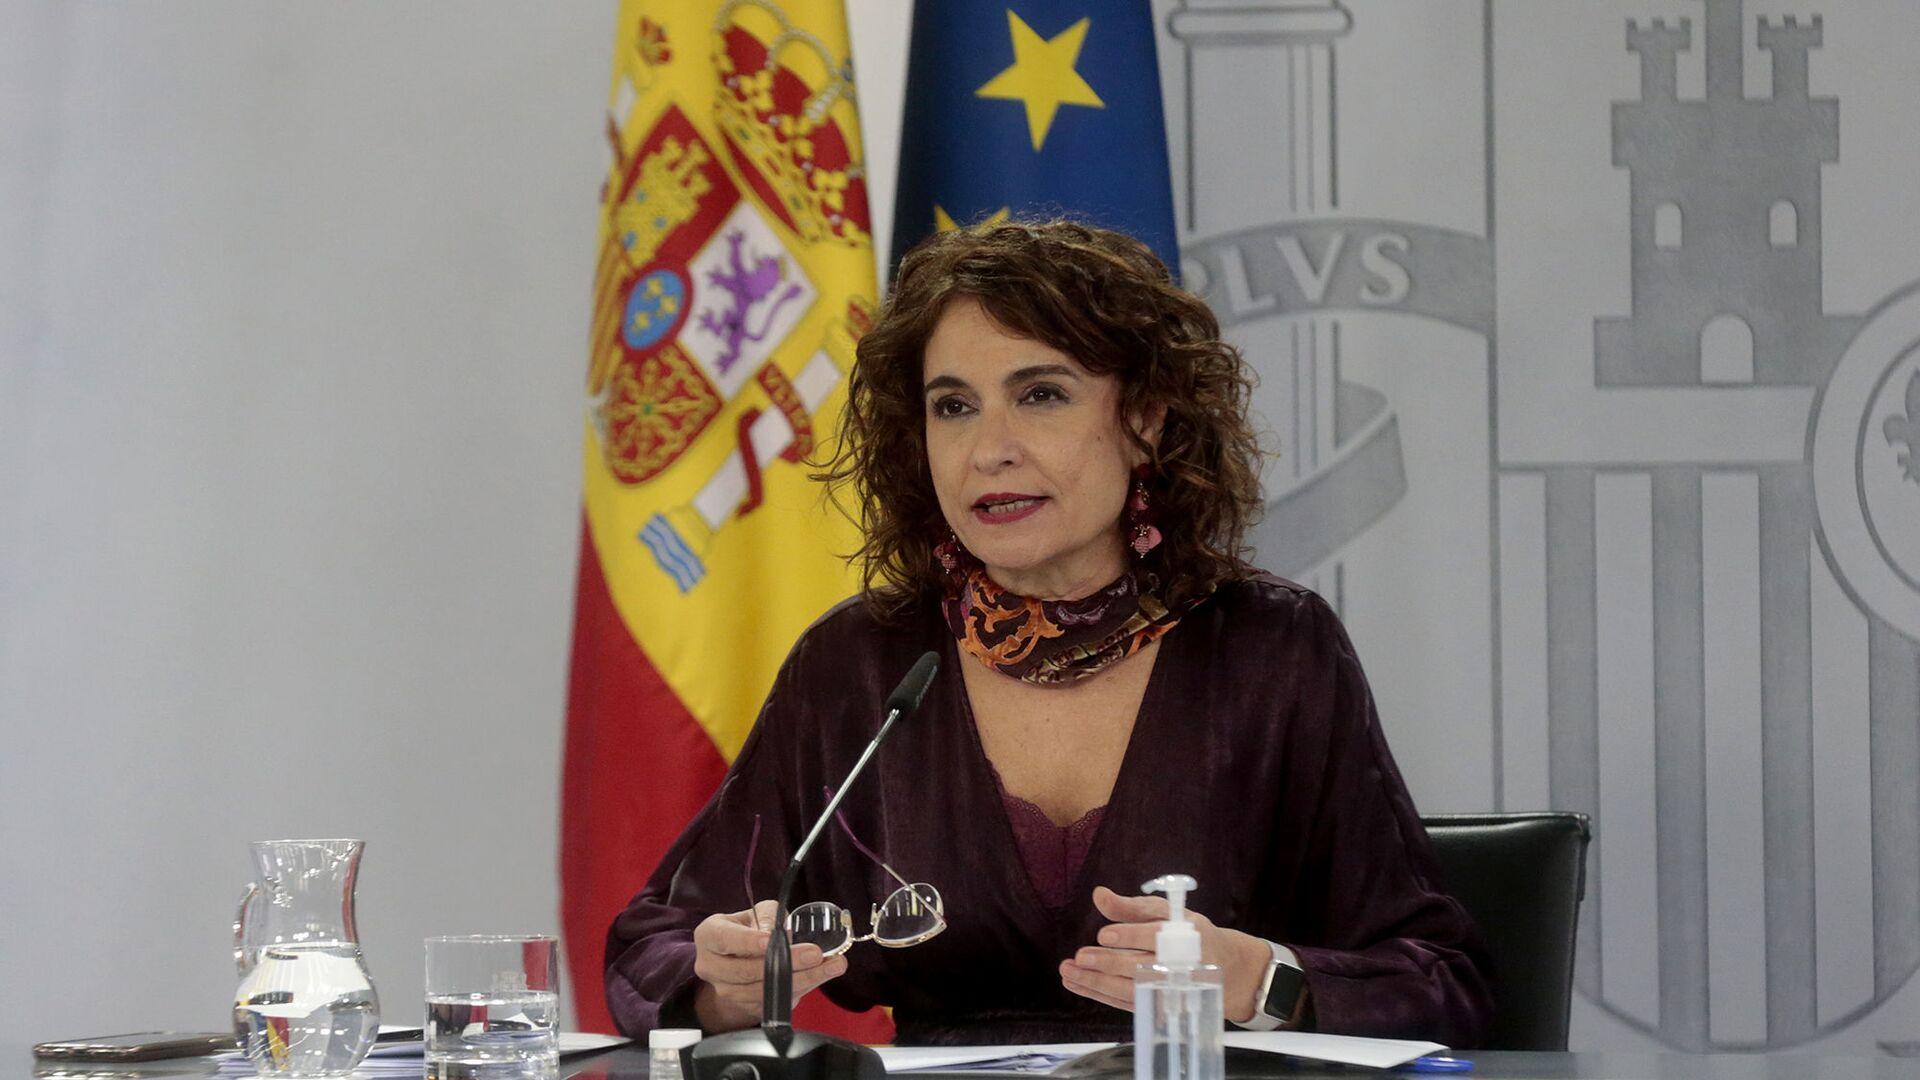 La ministra de Hacienda y portavoz del Gobierno, María Jesús Montero - Sputnik Mundo, 1920, 23.02.2021